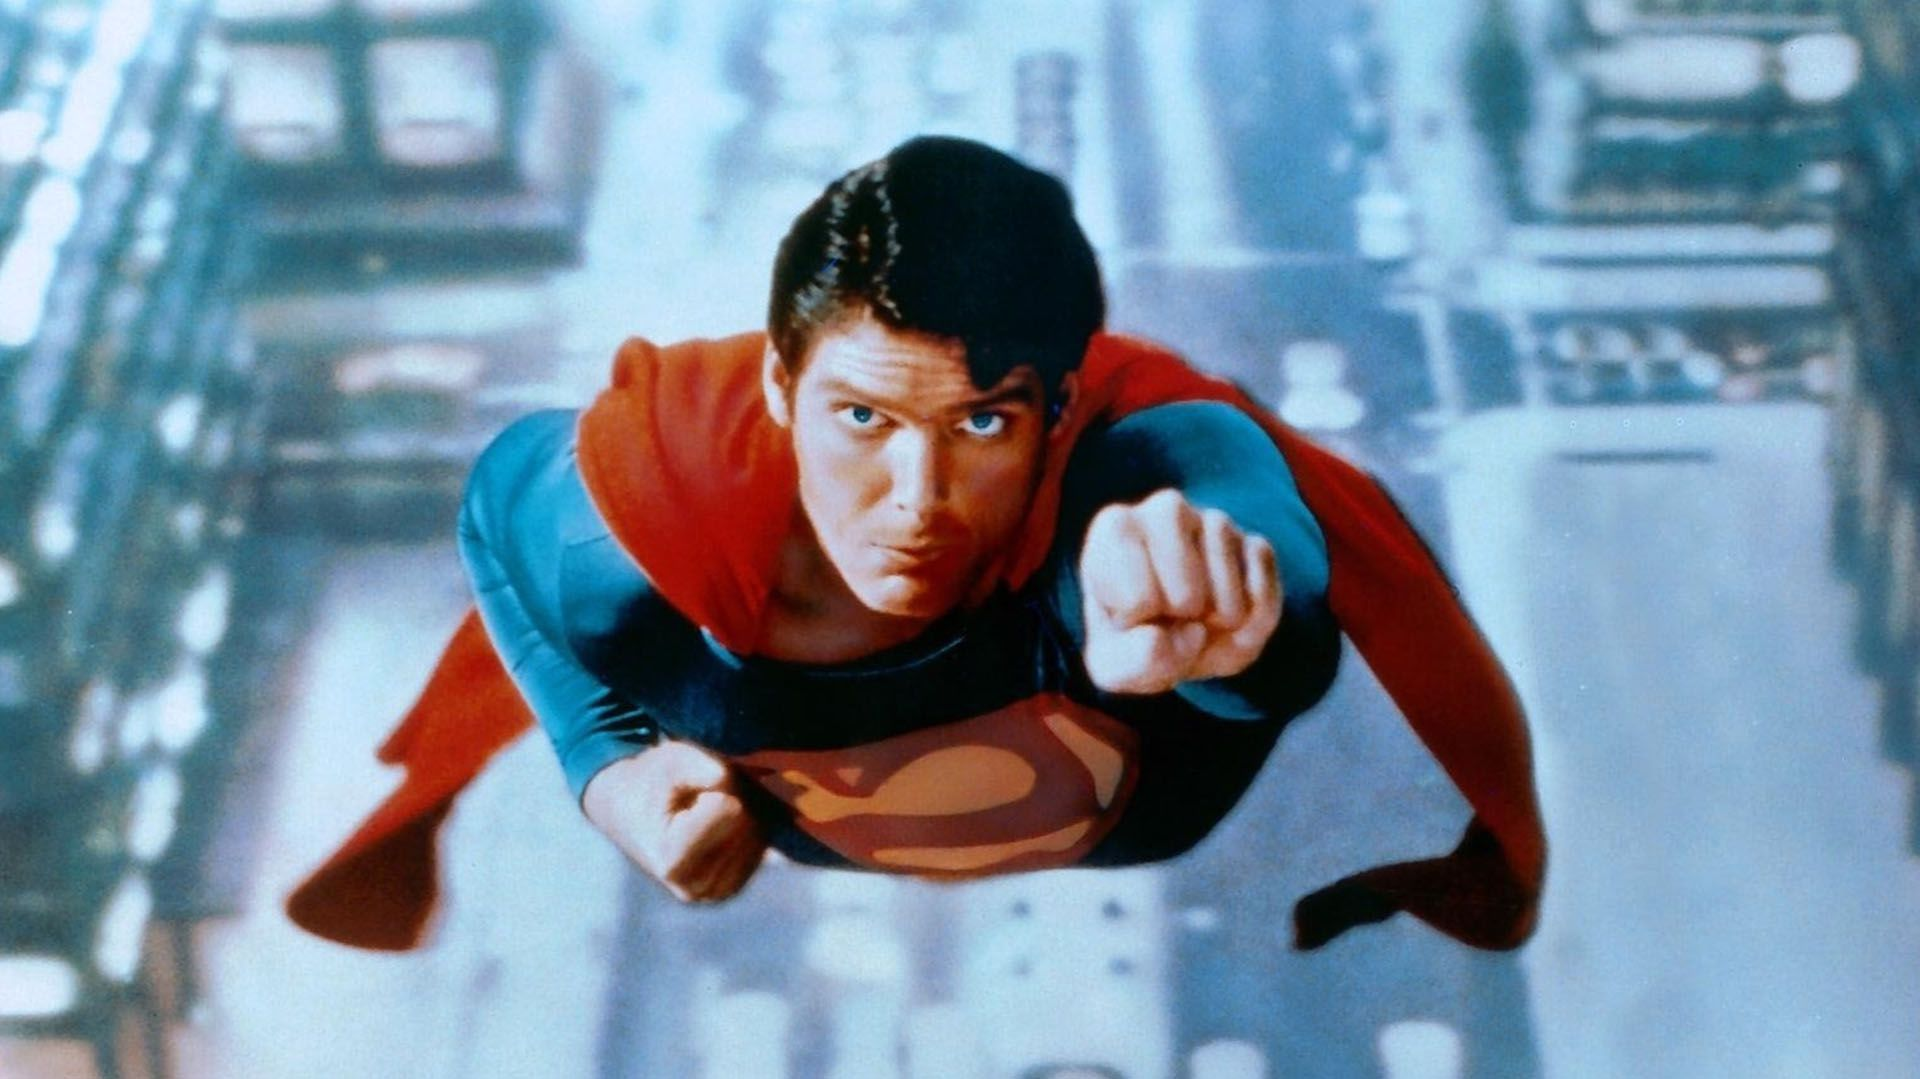 Como Superman se convirtió en una estrella mundial (Grosby Group)